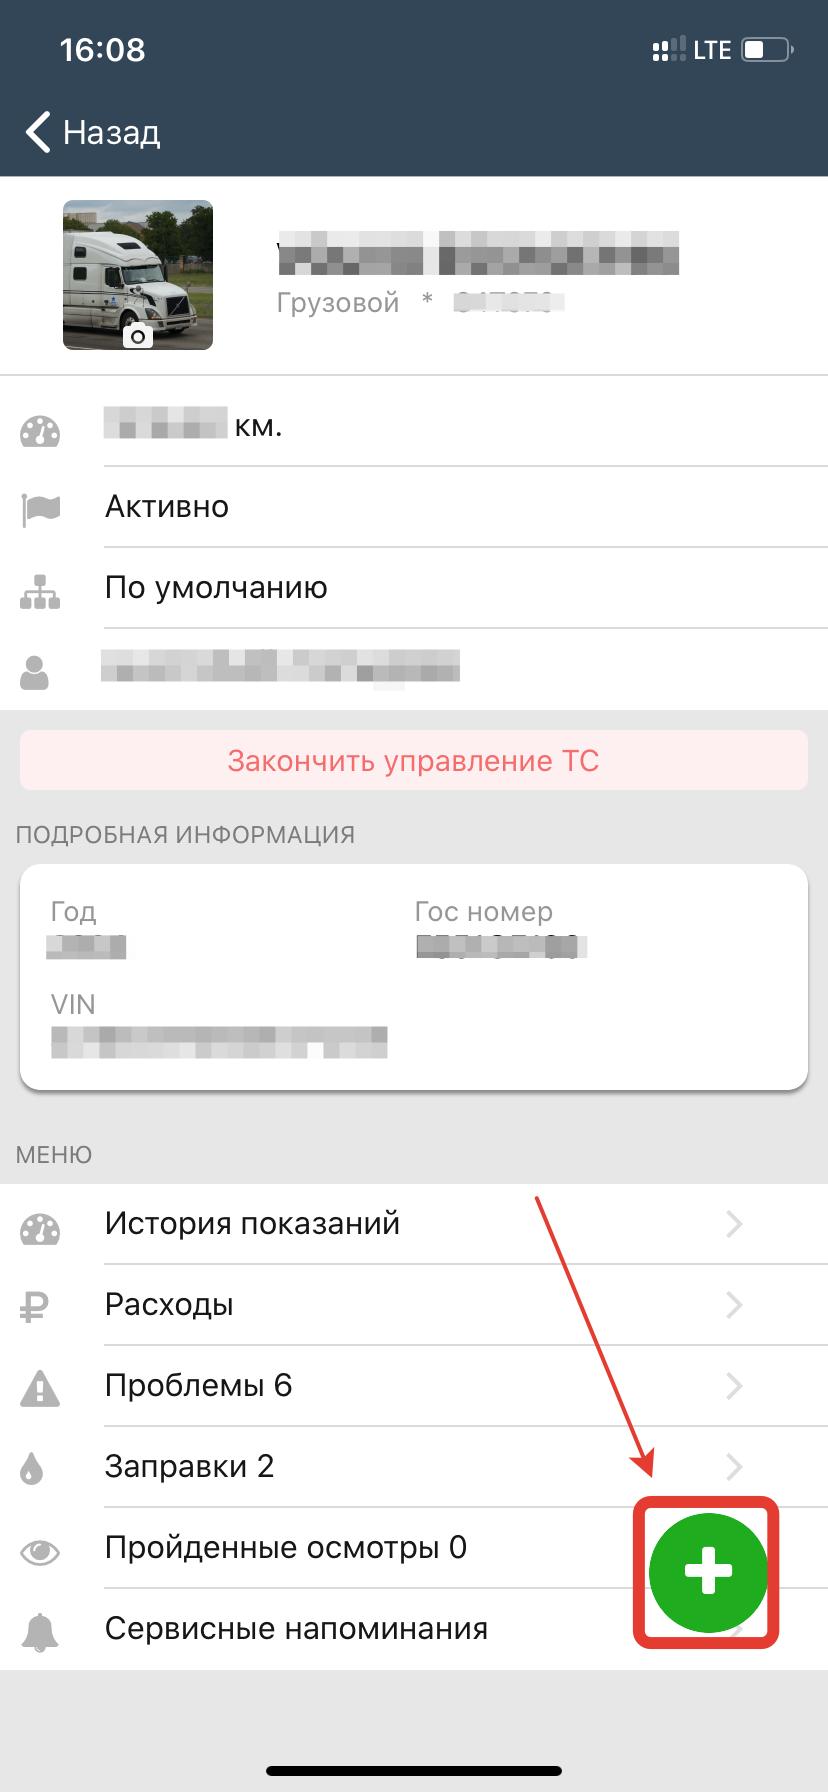 Добавление информации в систему Завгар Онлайн